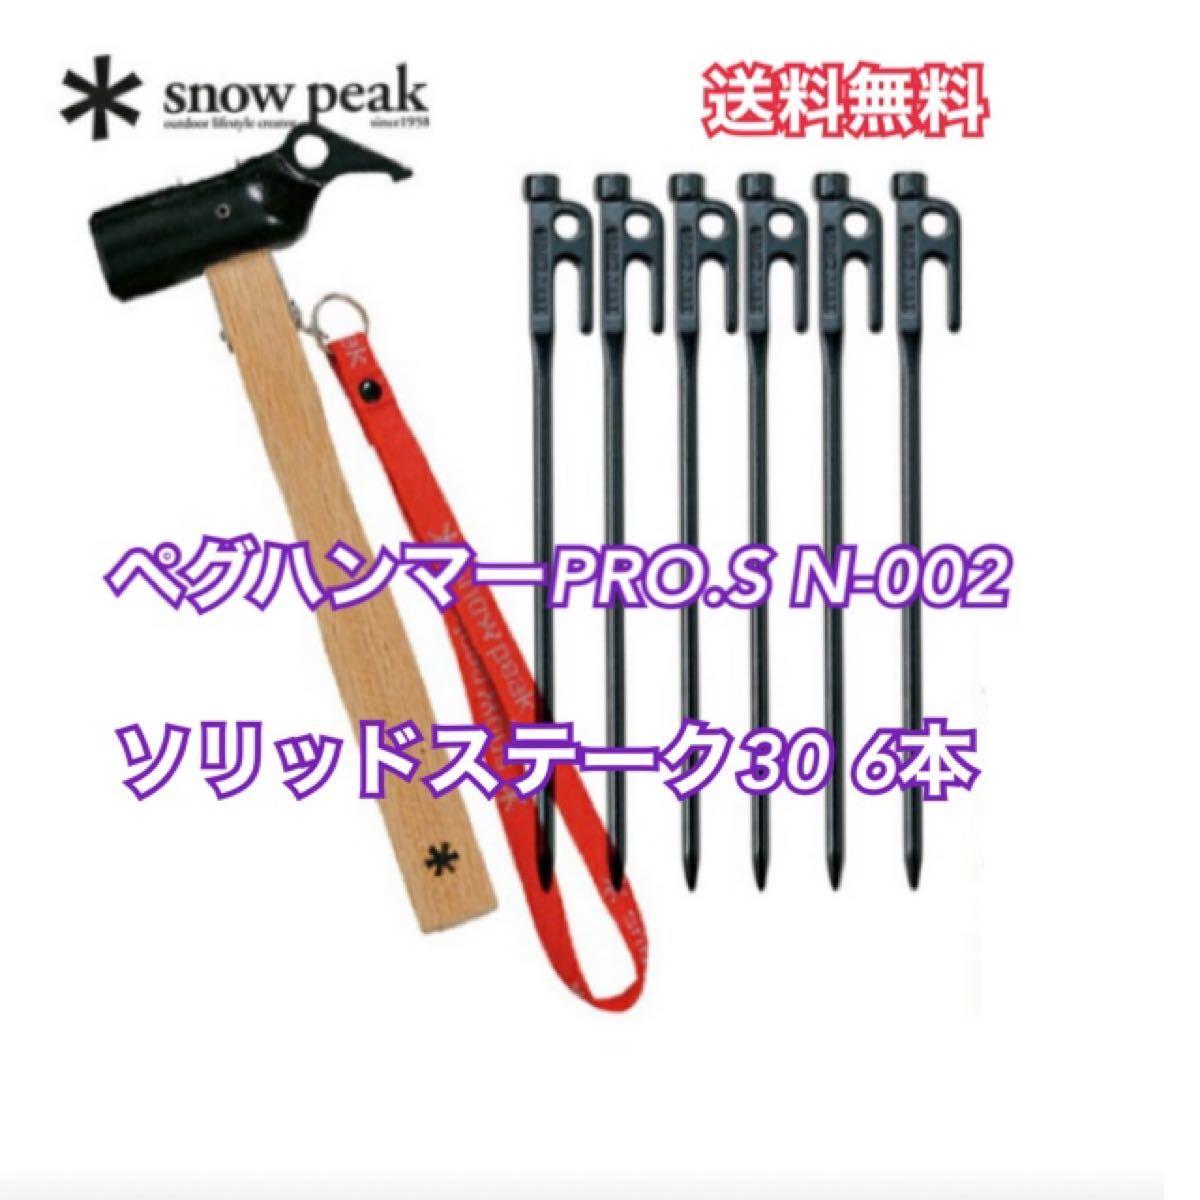 スノーピーク ペグハンマーPRO.S N-002 + ソリッドステーク6本セット